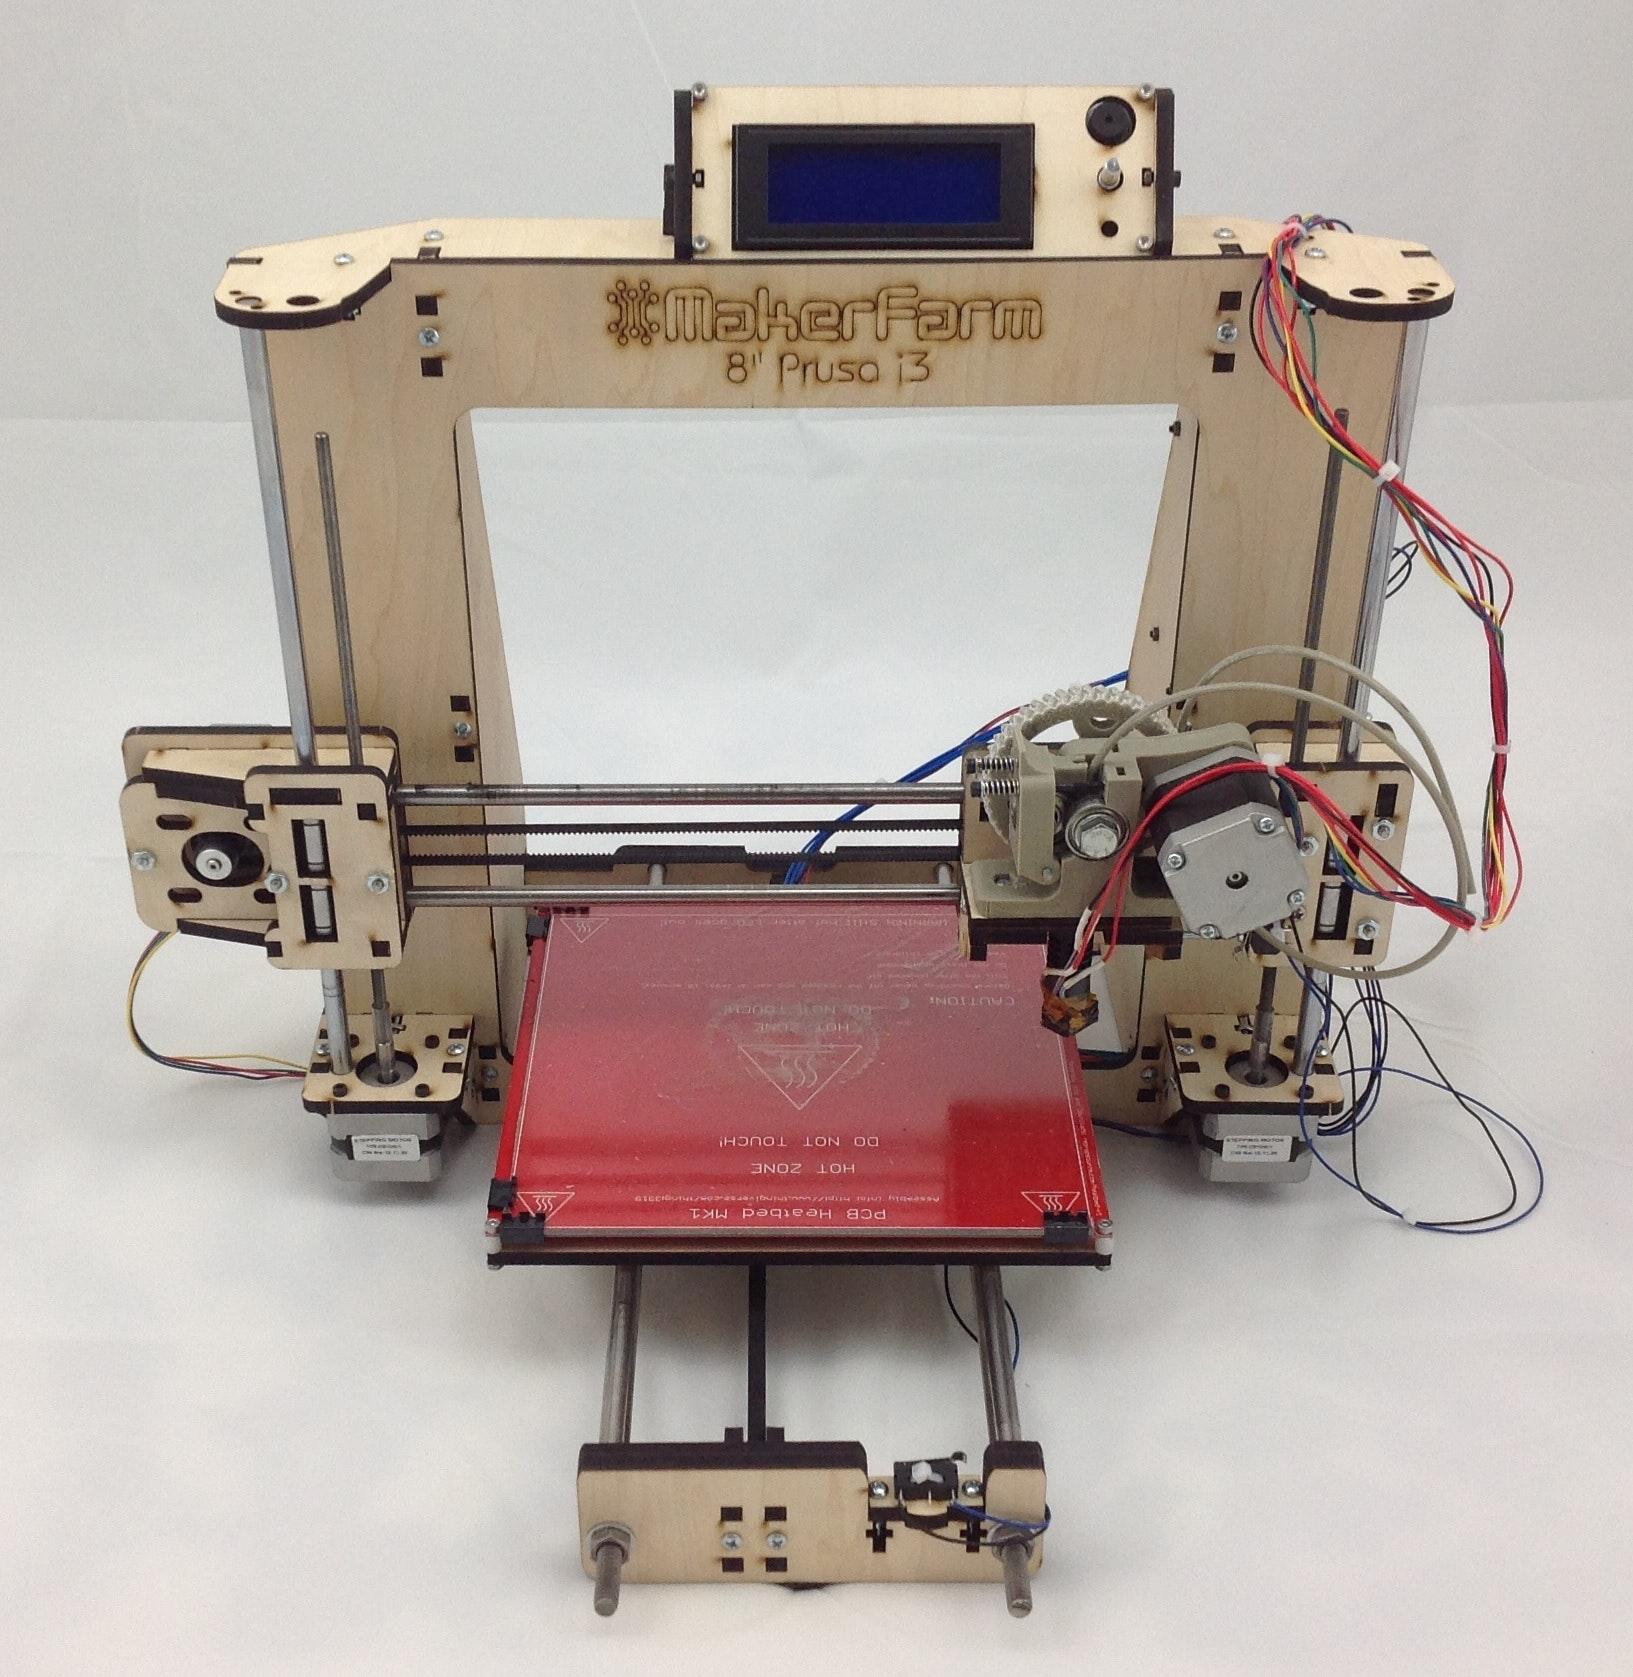 Makerfarm Prusa i3 3D Printer Kit